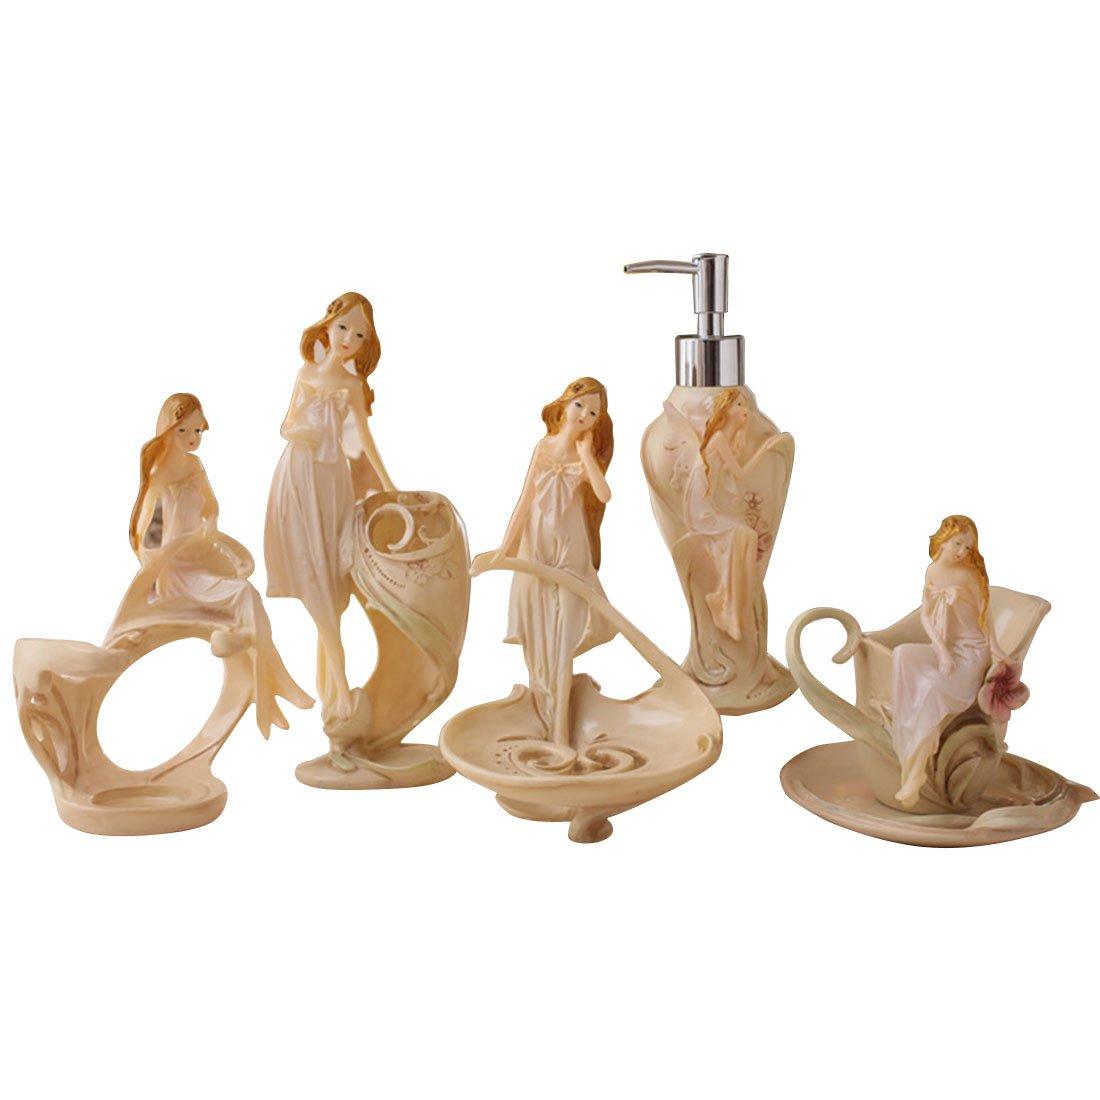 CATYAA フラワーフェアリービューティバスルームセット 5のバスルームセット ホームバスウォッシュセット 樹脂工芸バスルーム製品 (Color : Flower Fairy Beauty Bathroom Set) B07HSXCD3G Flower Fairy Beauty Bathroom Set